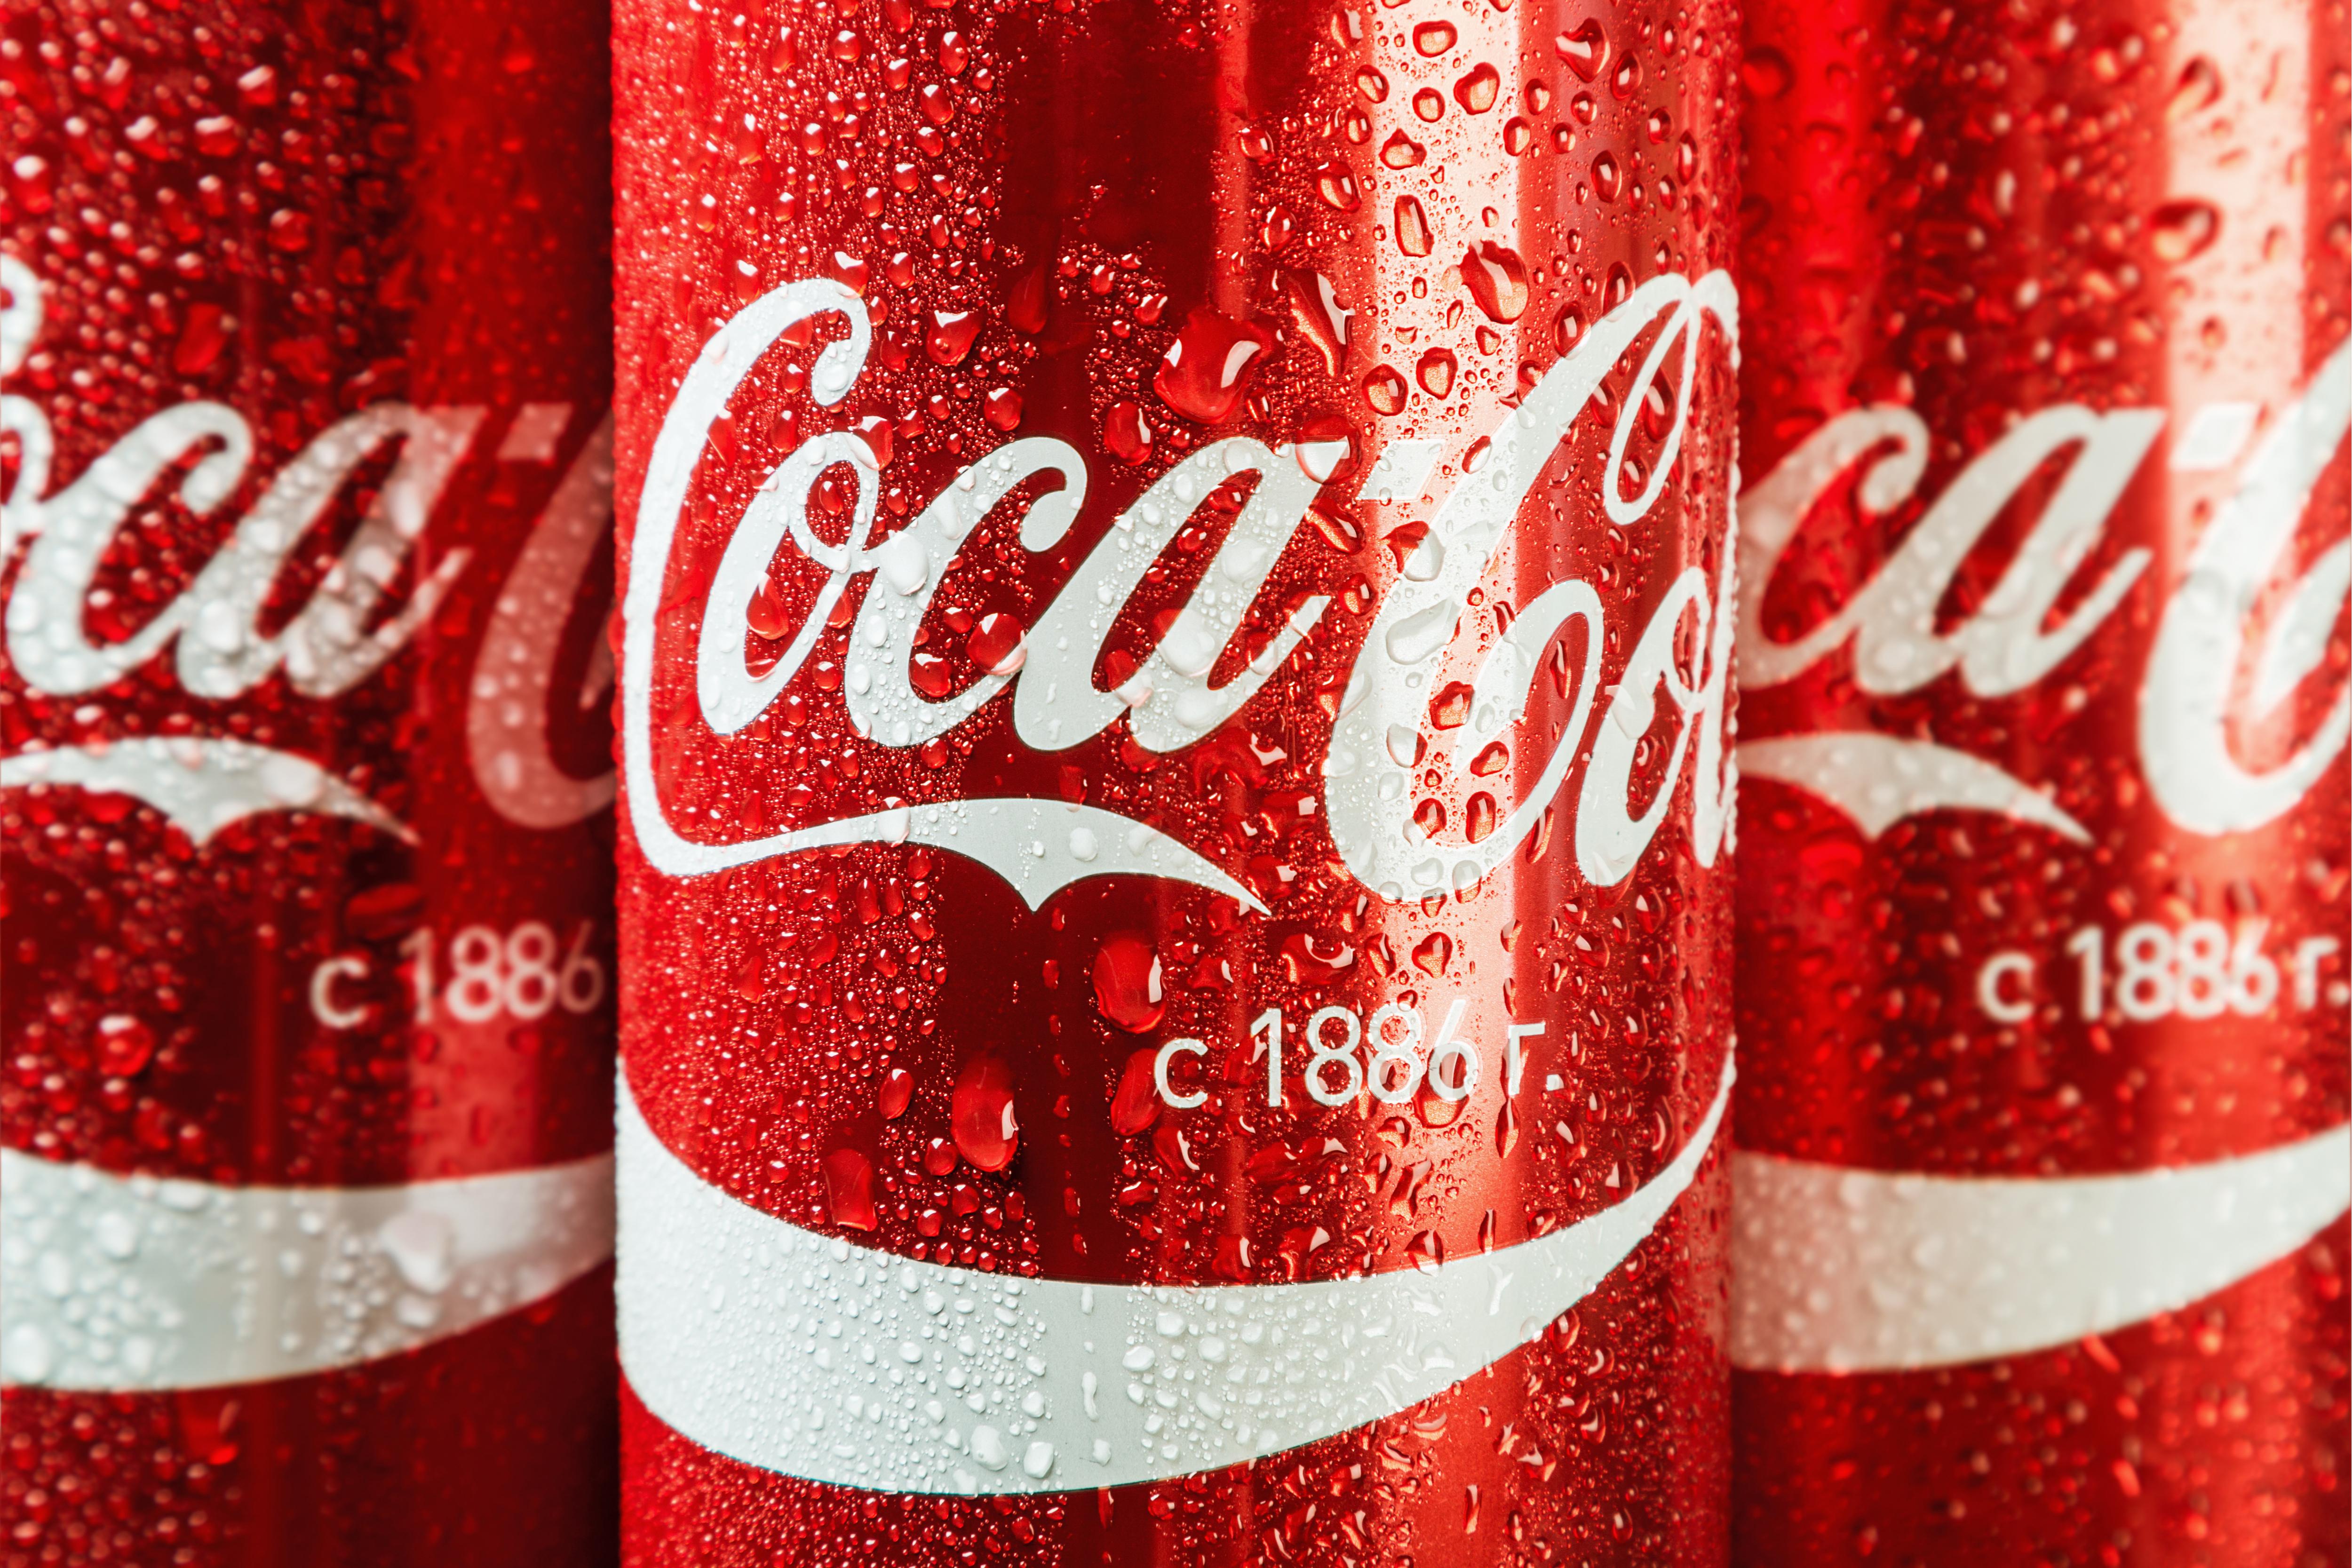 il-marchio-intramontabile-e-riconoscibile-della-coca-cola-come-è-nato